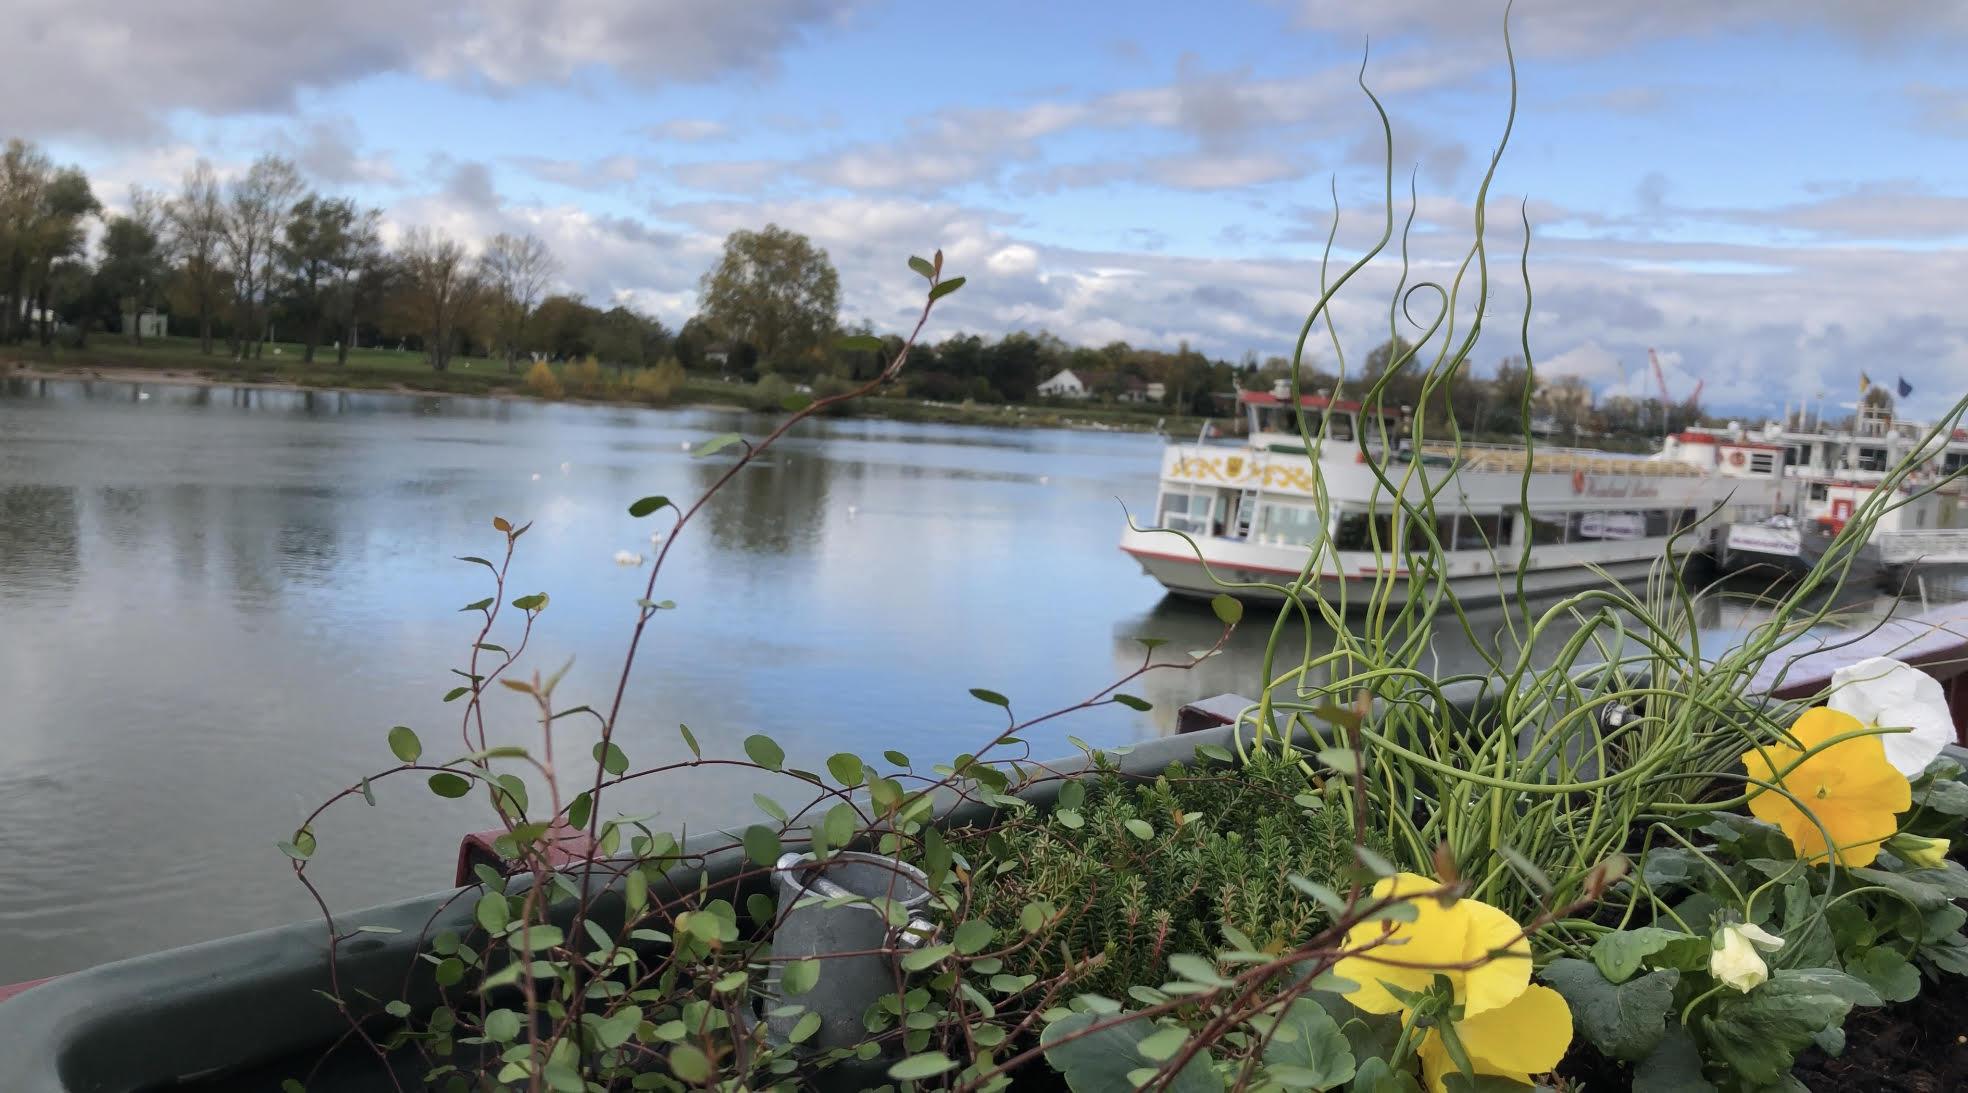 Le secteur du tourisme fluvial a connu une bonne fréquentation en 2016 - Photo : Voies navigables de France